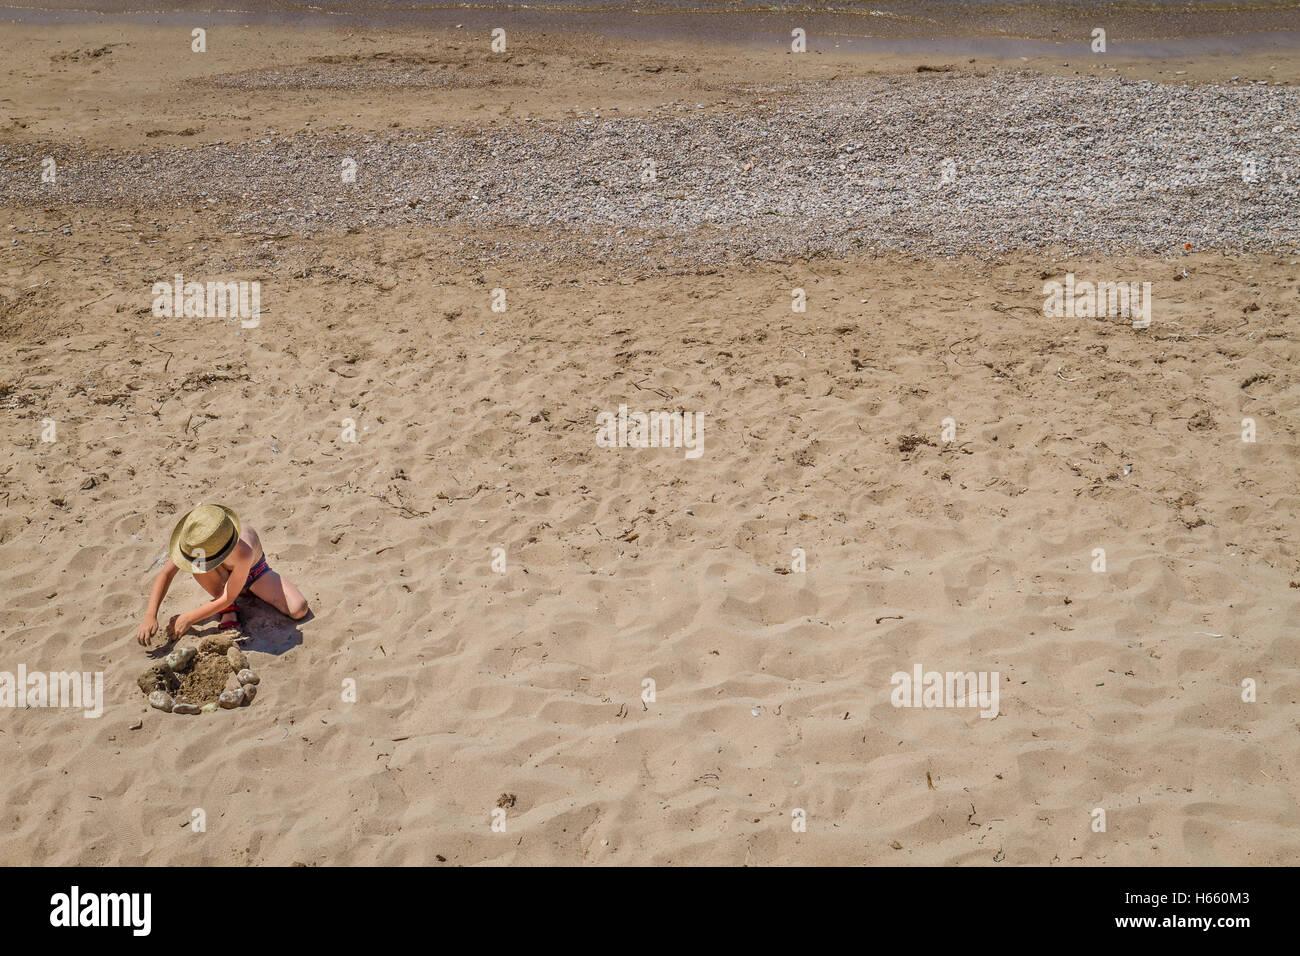 Muchacho jugando con piedras y arena de playa en día soleado Imagen De Stock